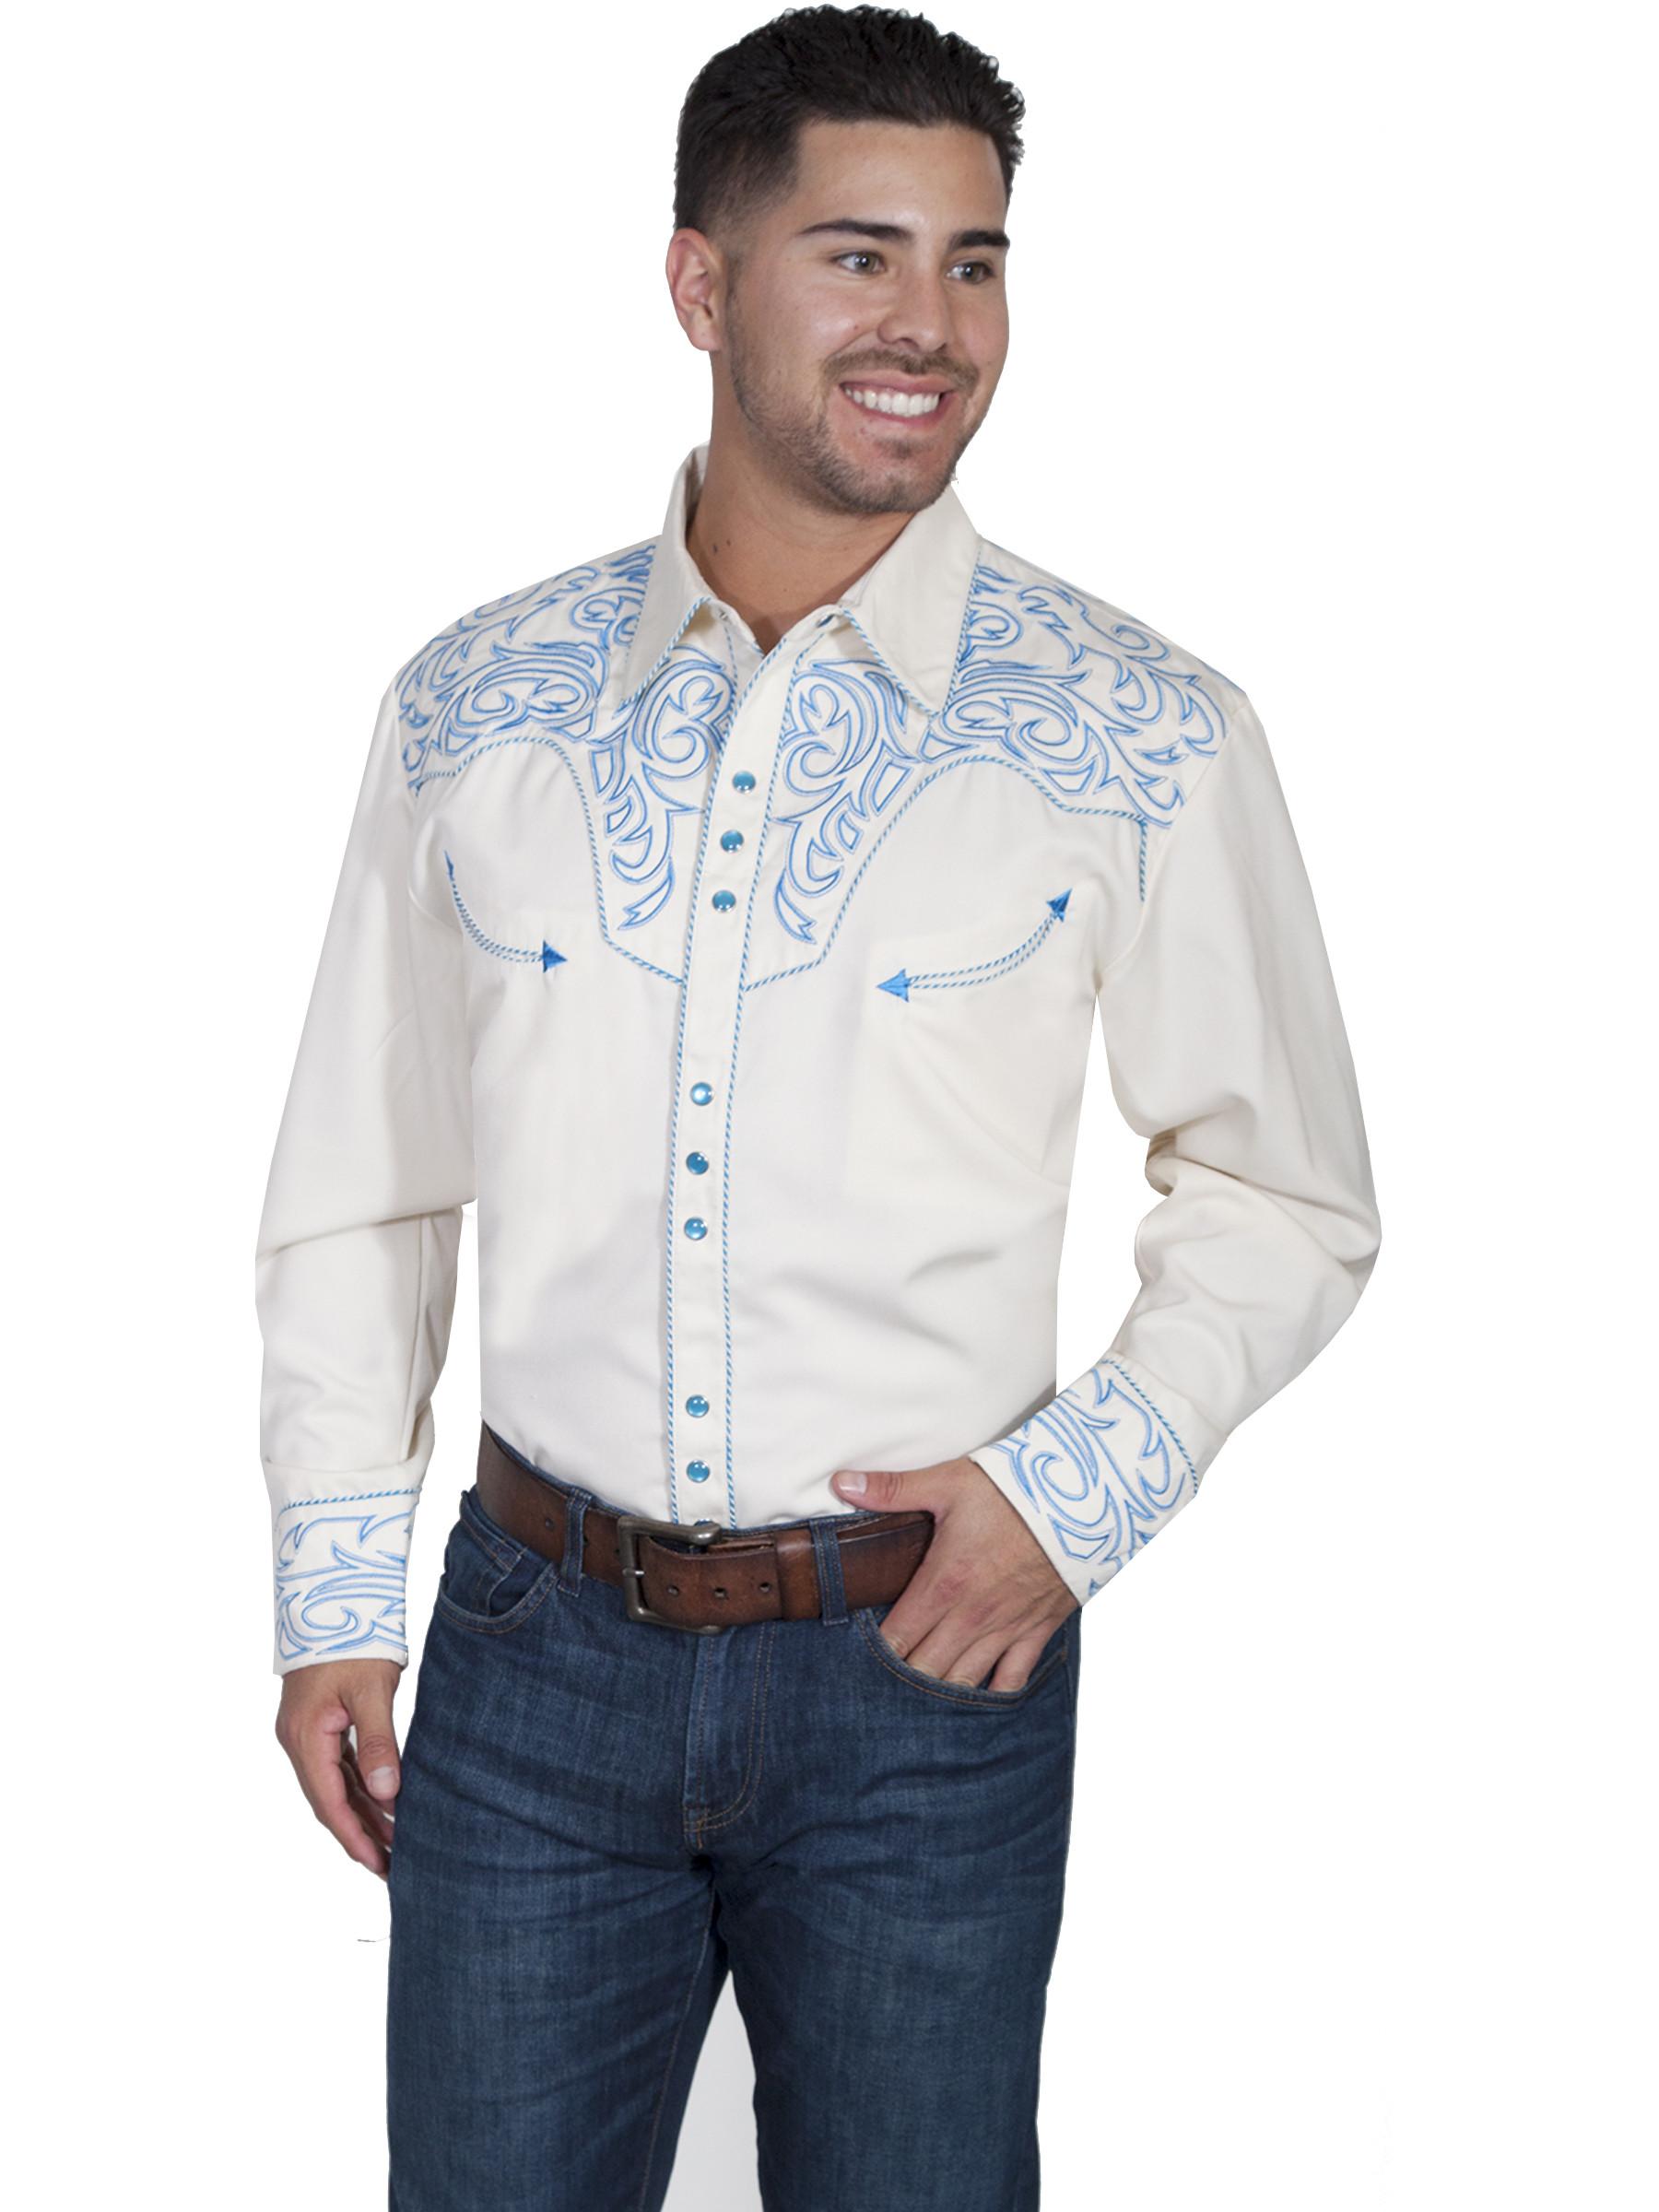 Mens Western Snap Shirts